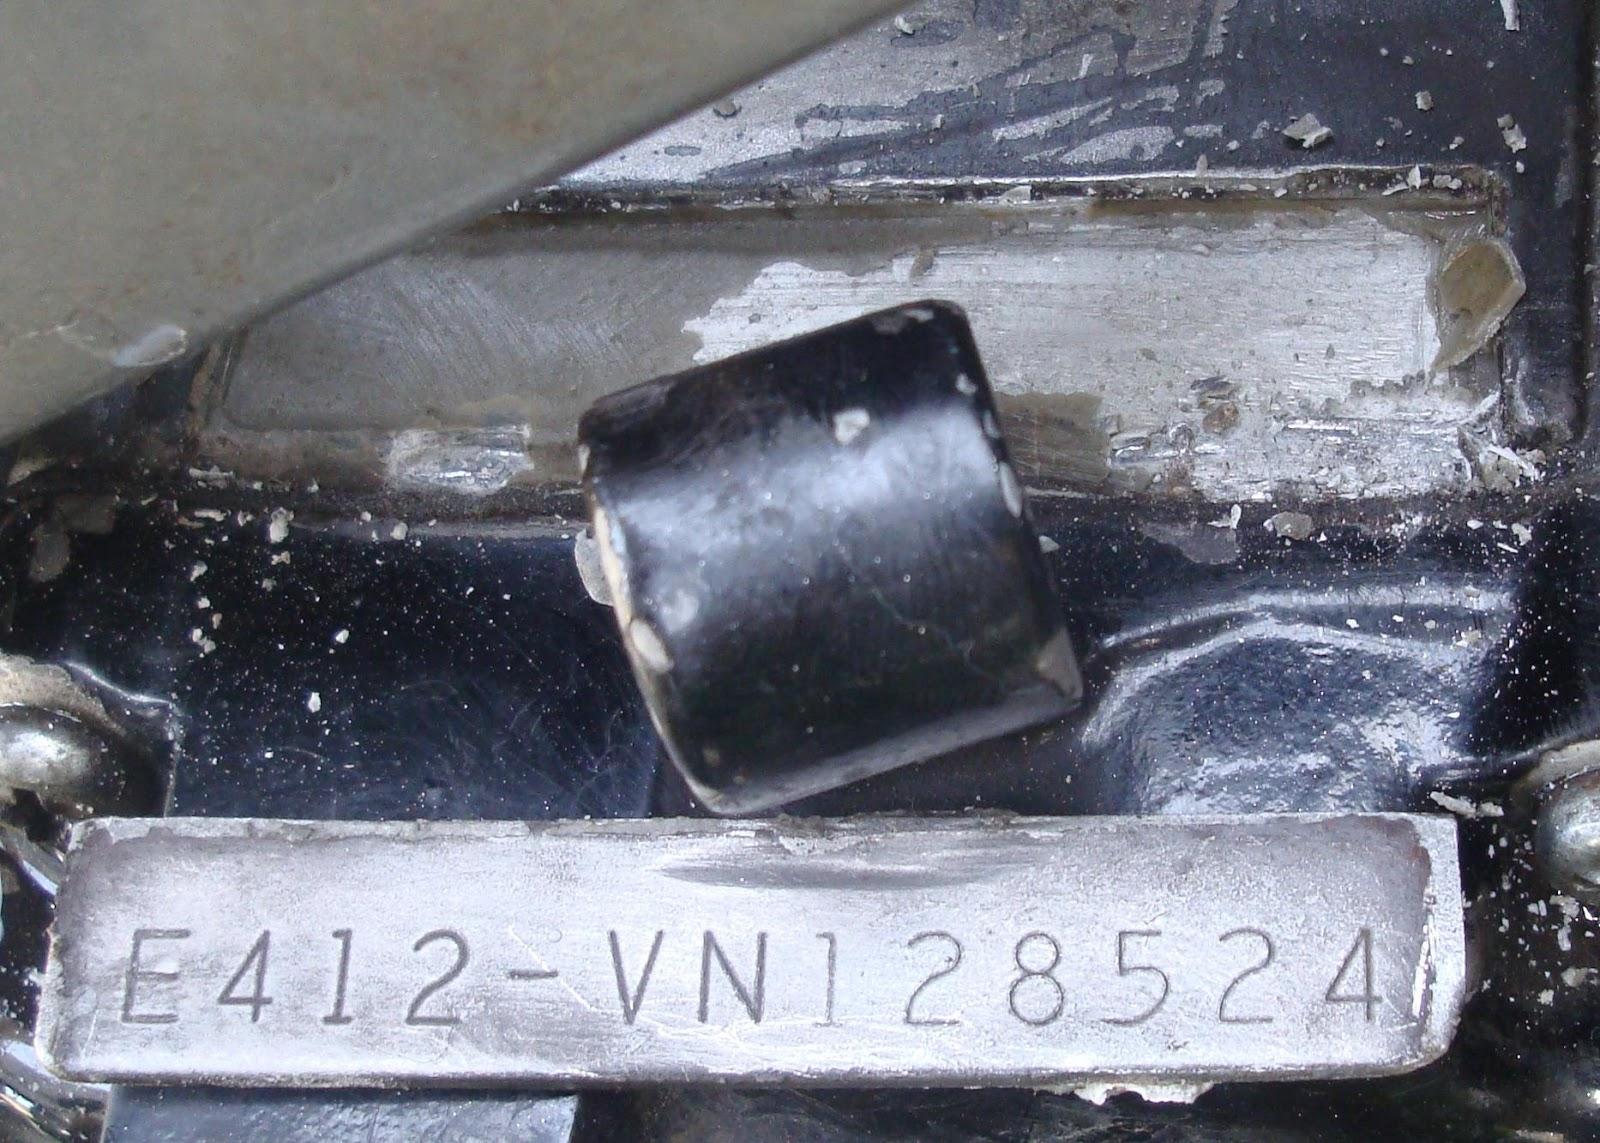 Xe++ - Tự ý thay đổi số khung, số máy của xe bị phạt ra sao?